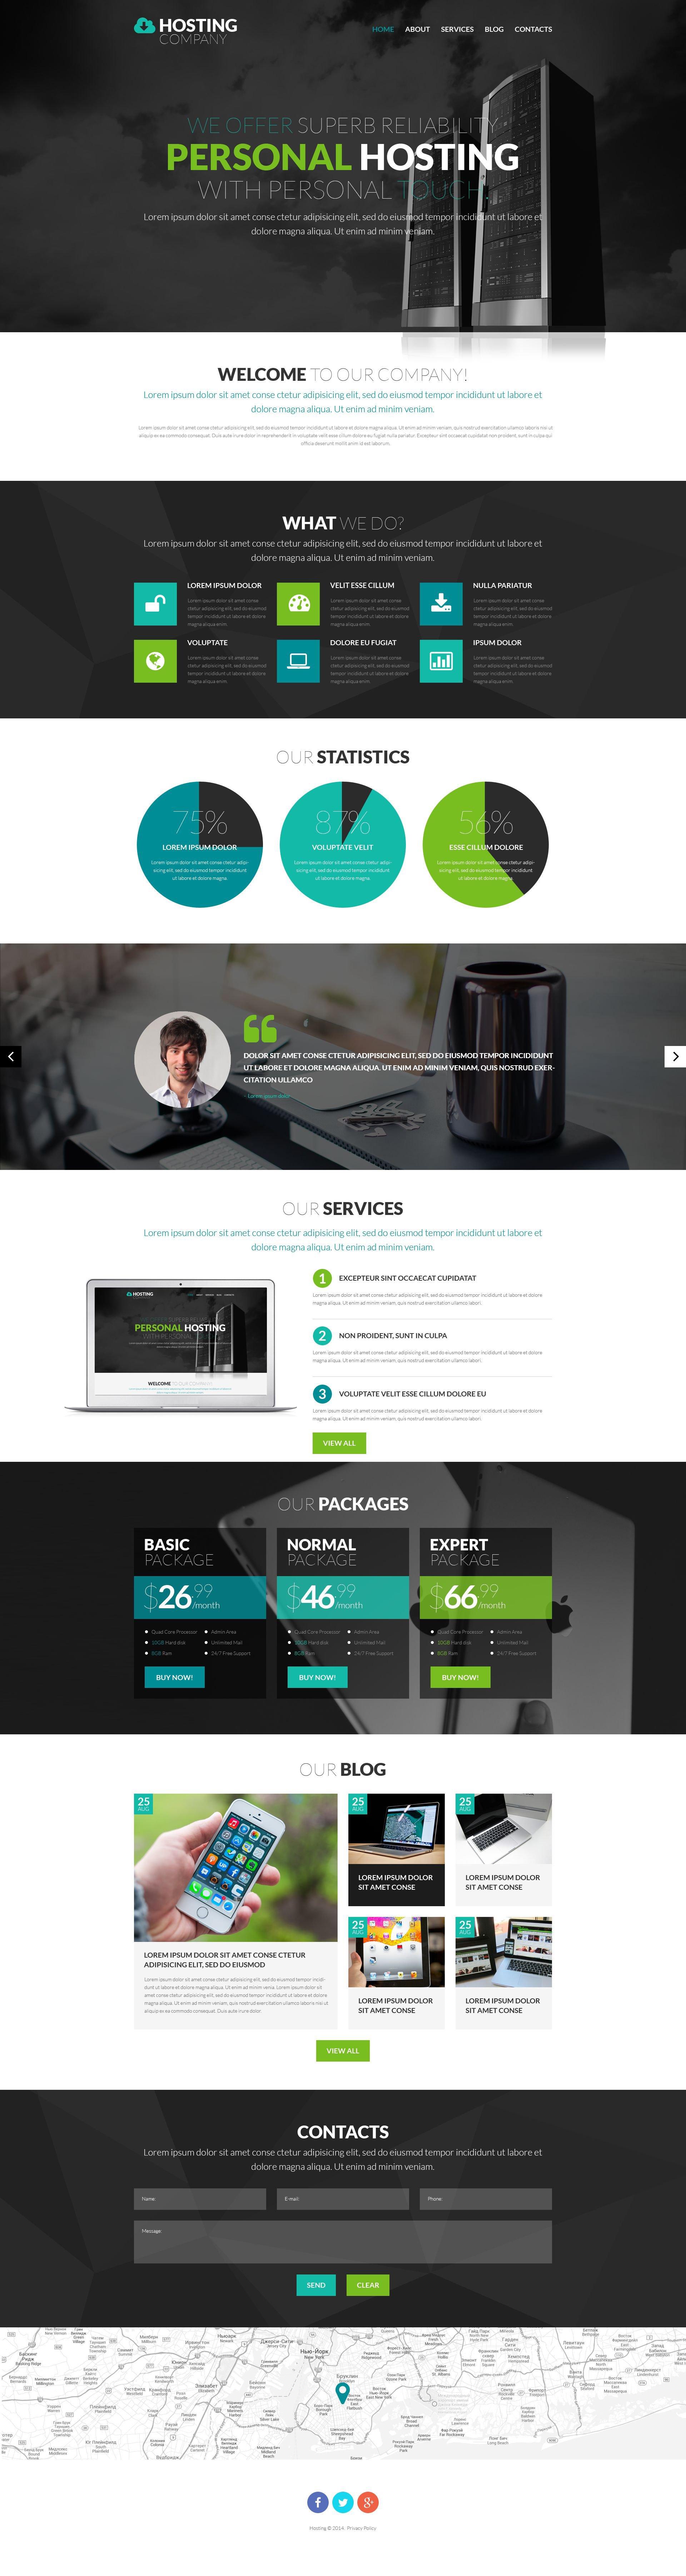 Responsivt Hosting Provider WordPress-tema #53367 - skärmbild